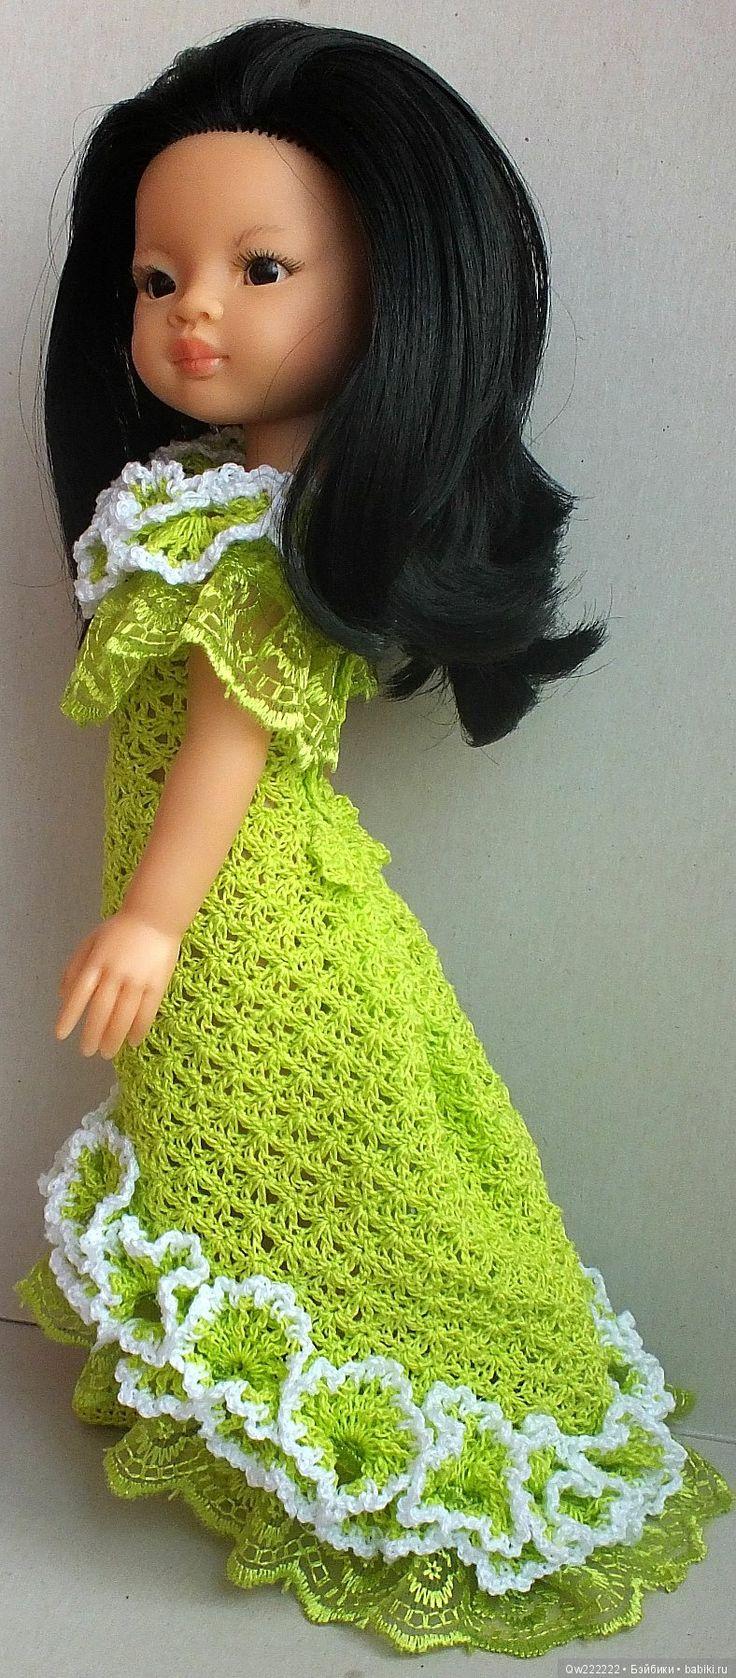 Бальное платье для паолочки цена снижена / Одежда для кукол / Шопик. Продать купить куклу / Бэйбики. Куклы фото. Одежда для кукол